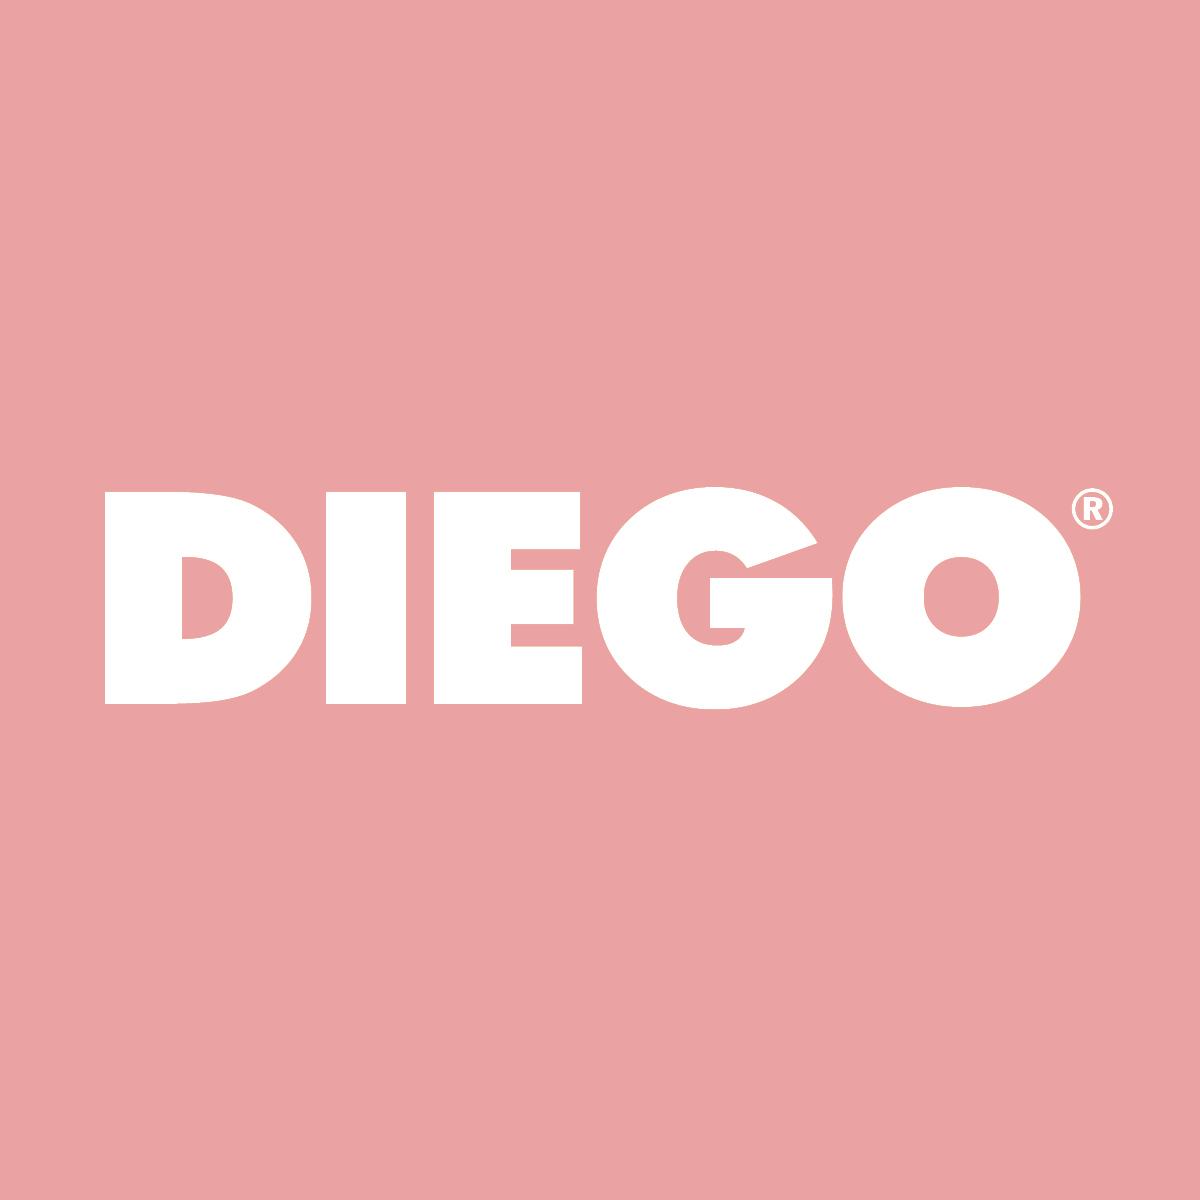 Super Soft szatén behúzó szalagos csokibarna sötétítő, dekor készfüggöny